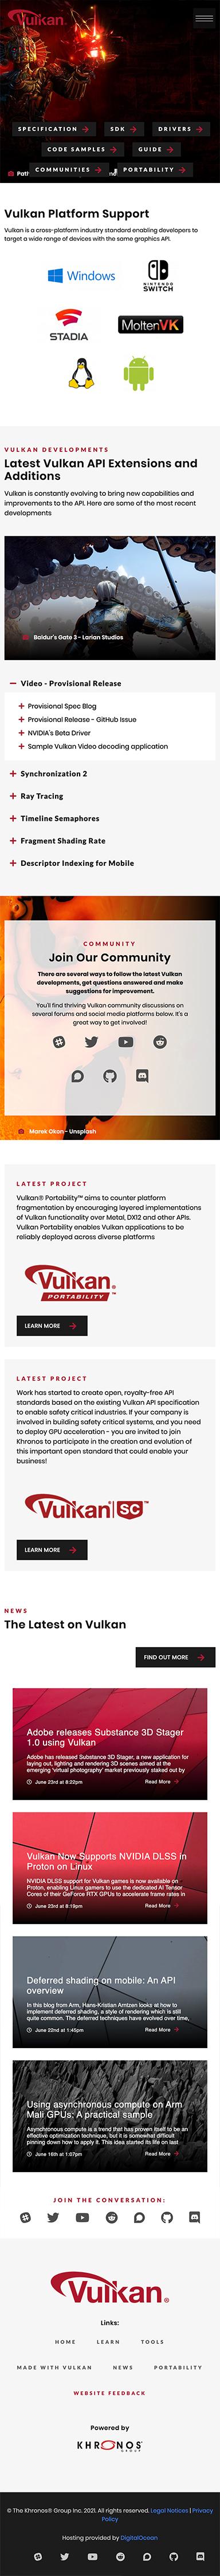 Vulkan Mobile View